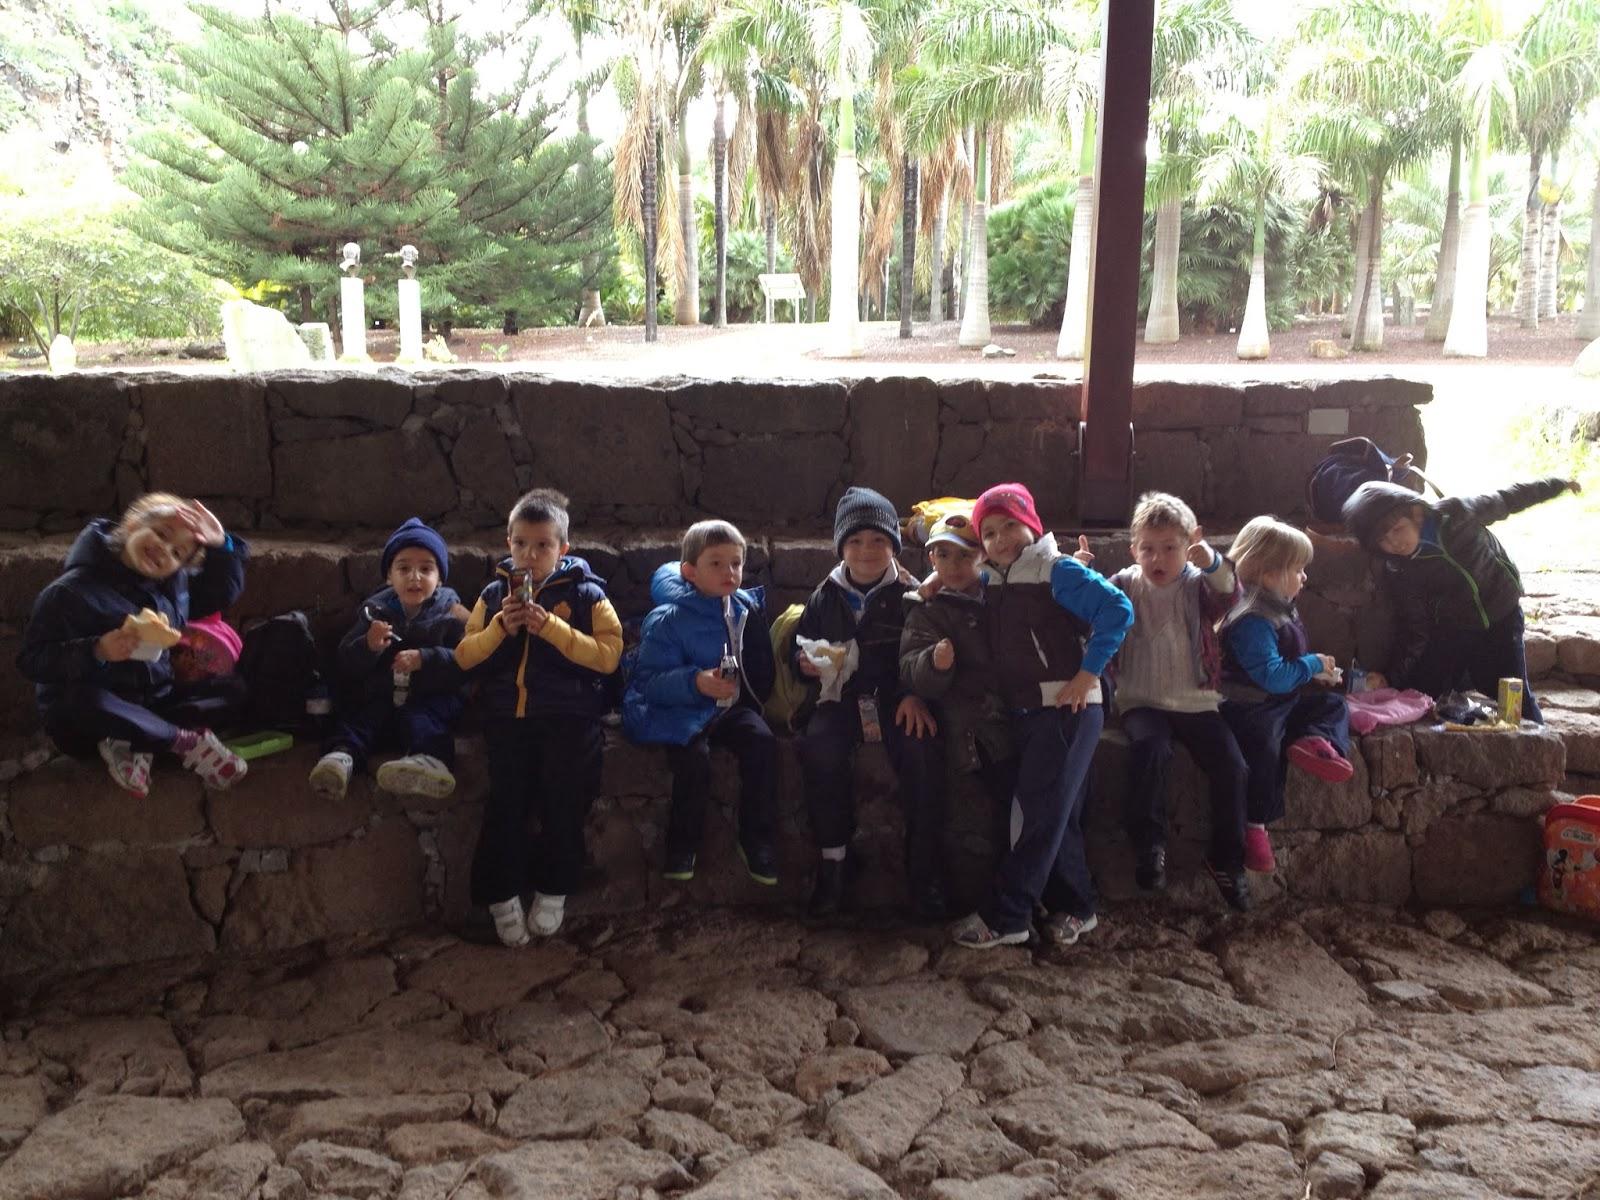 Ceip san antonio visita al jard n canario 21 02 14 for Jardin canario horario